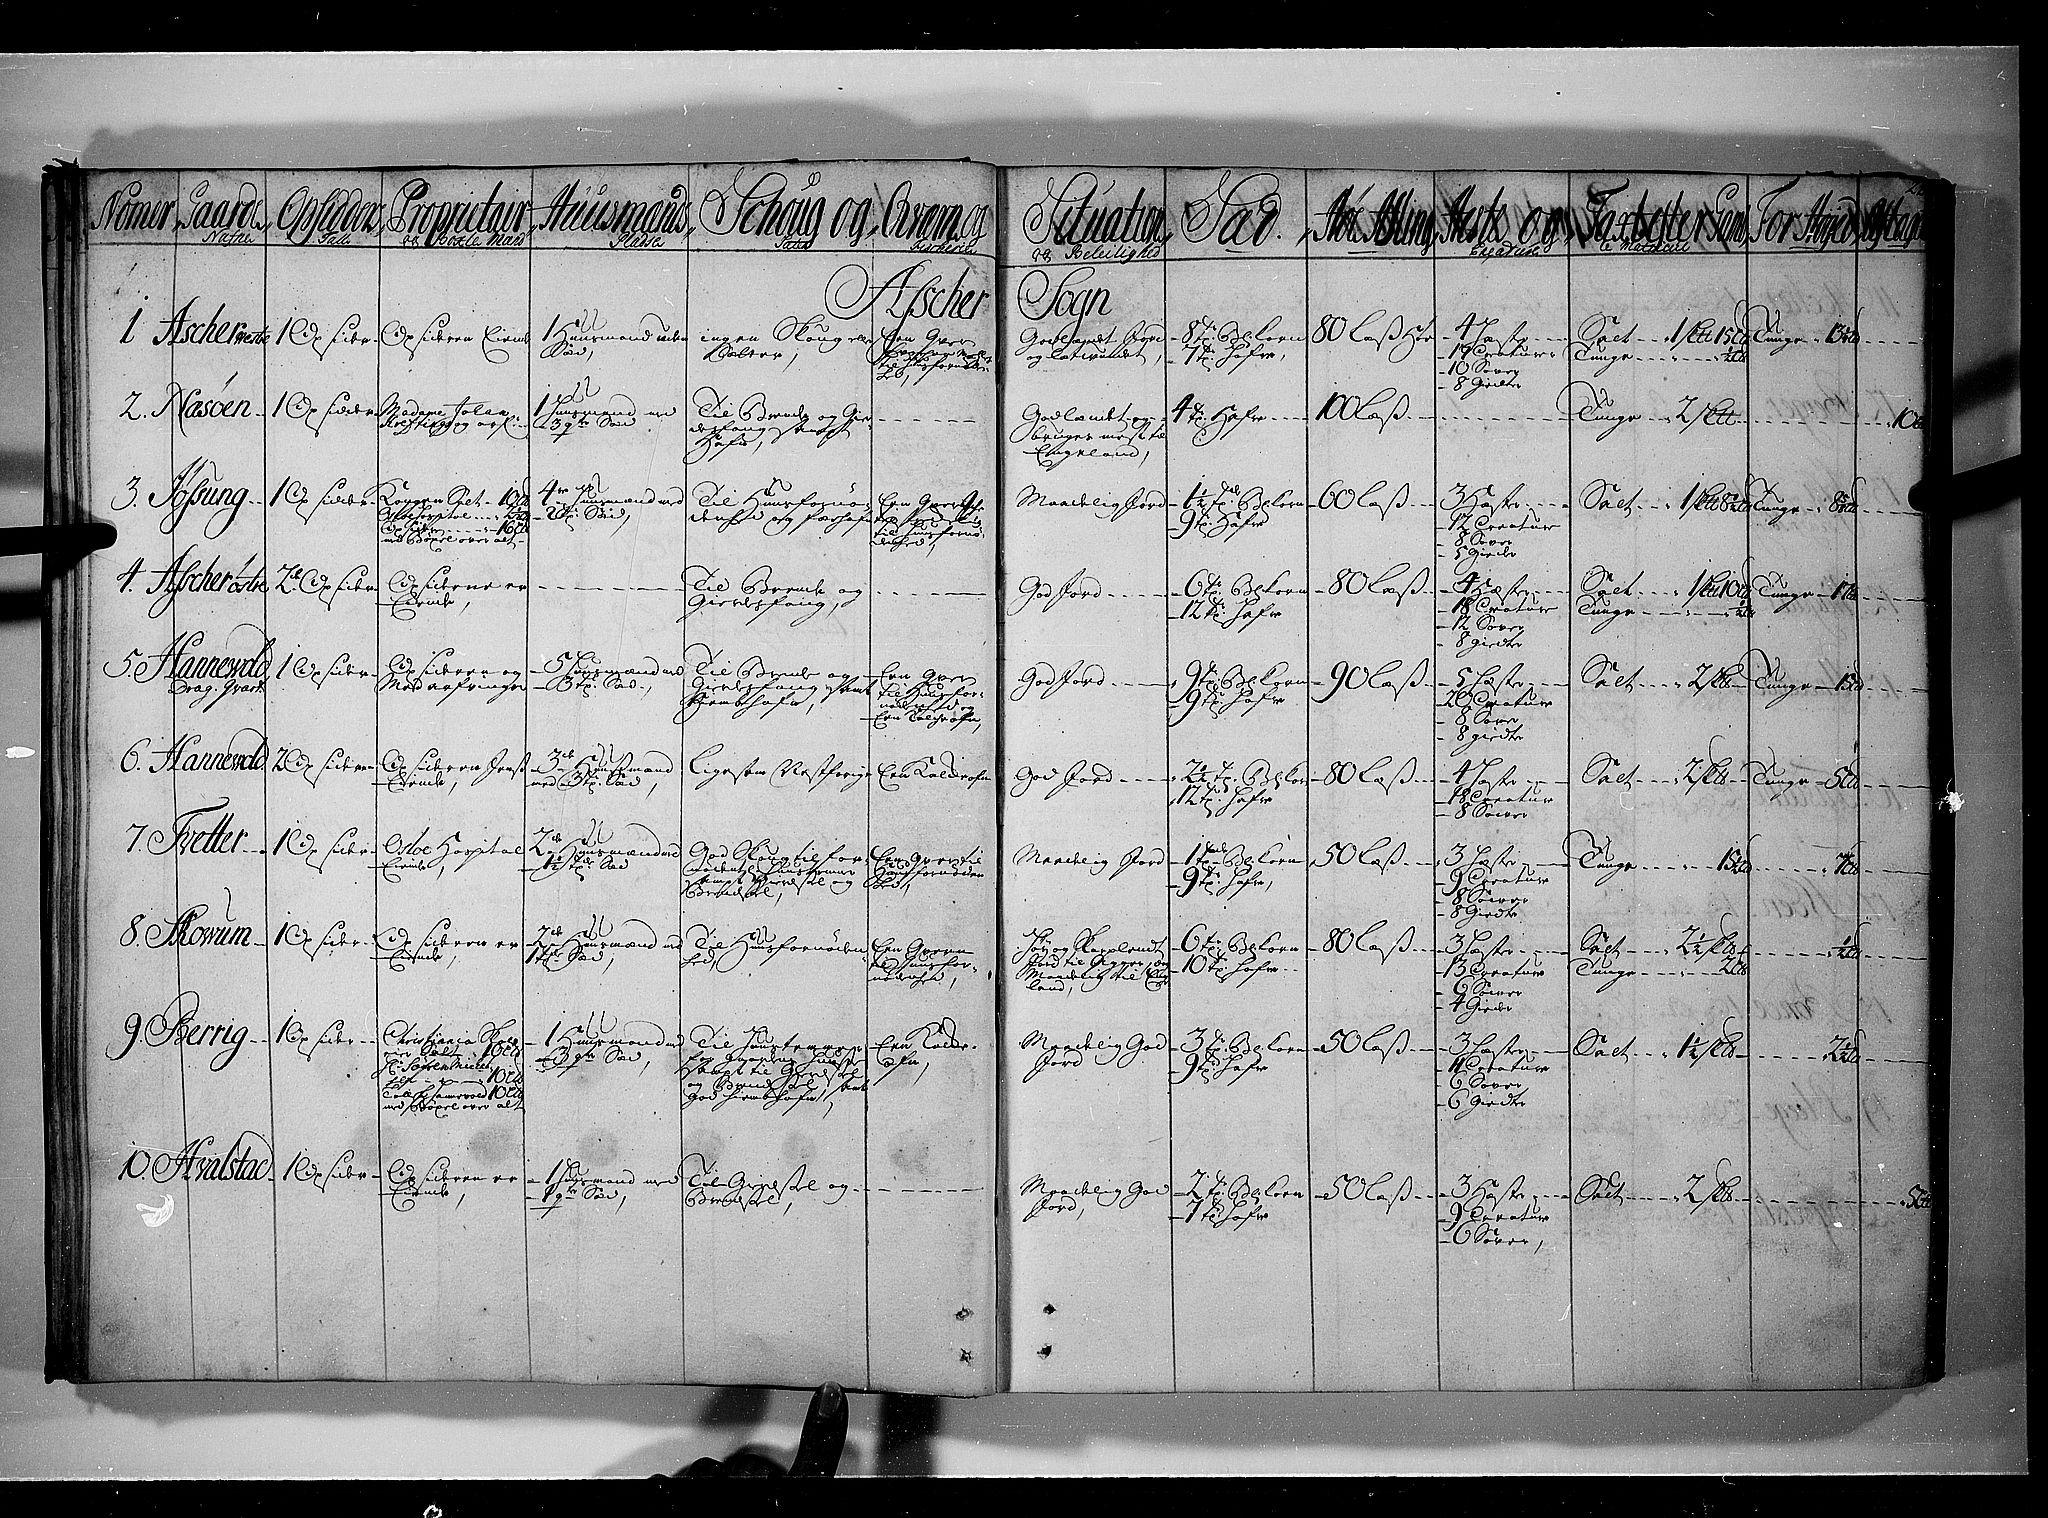 RA, Rentekammeret inntil 1814, Realistisk ordnet avdeling, N/Nb/Nbf/L0089: Aker og Follo eksaminasjonsprotokoll, 1723, s. 23b-24a